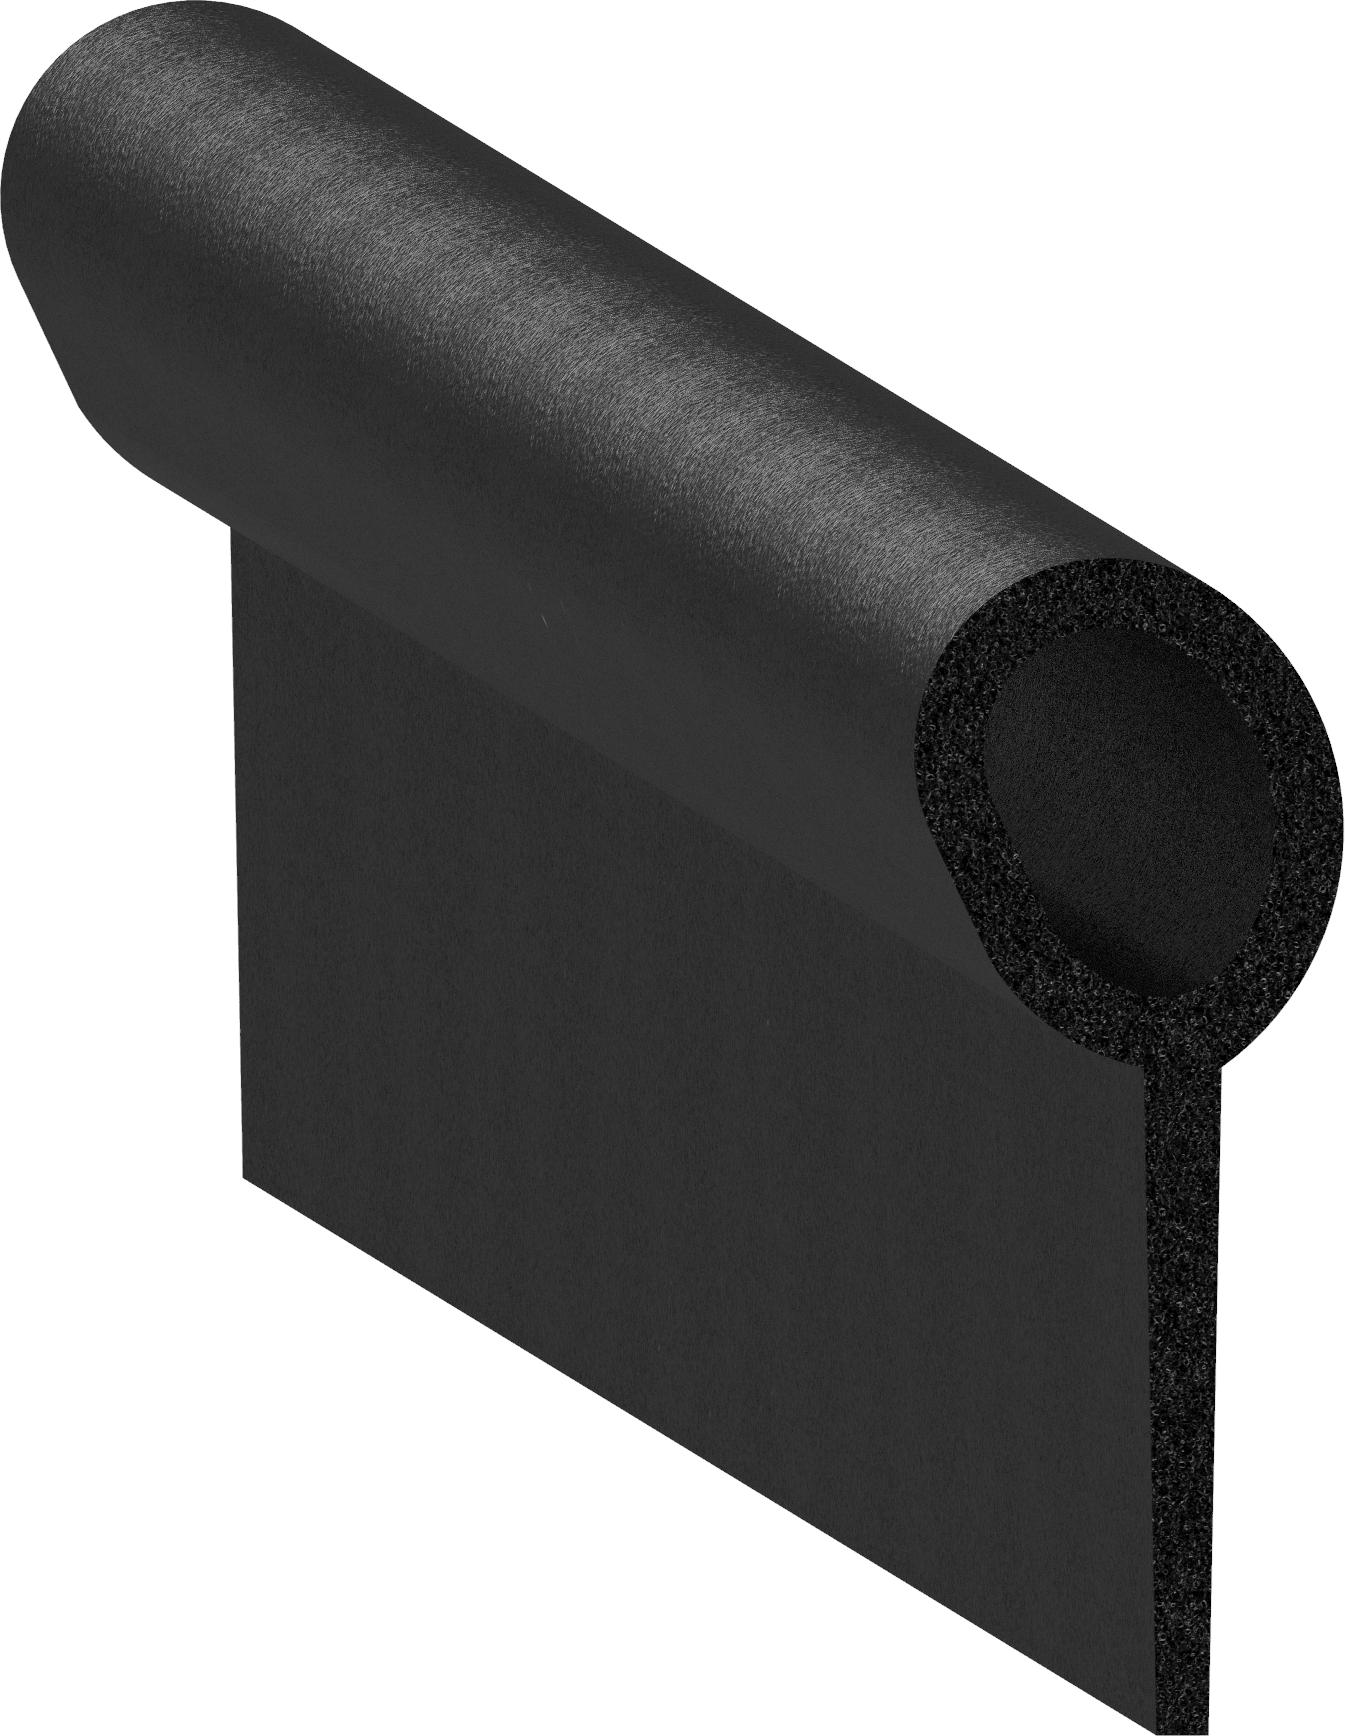 Uni-Grip part: SD-113-T